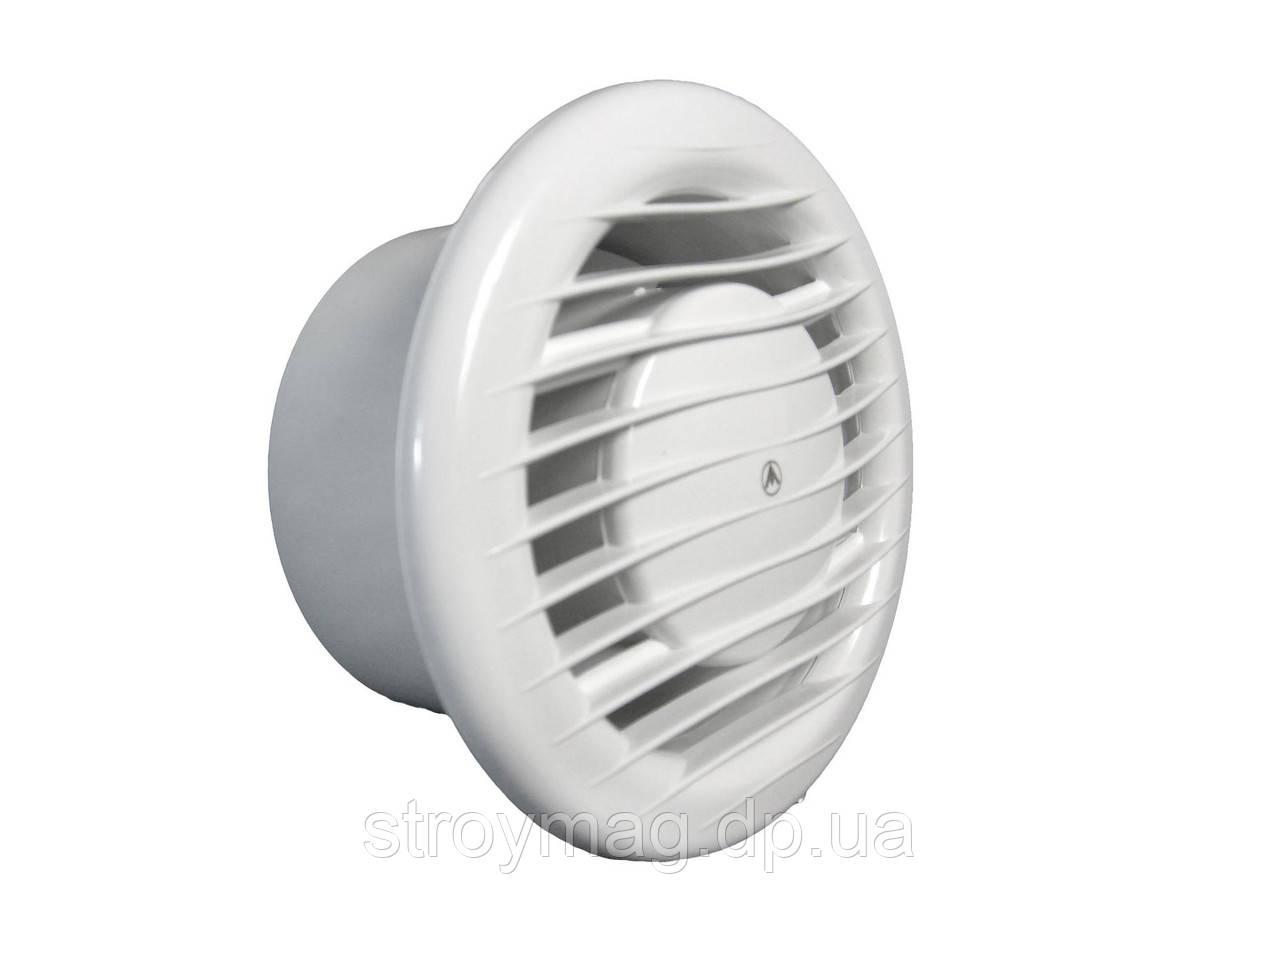 Вентилятор на стелю Dospel NV 15 150 (007-0334)